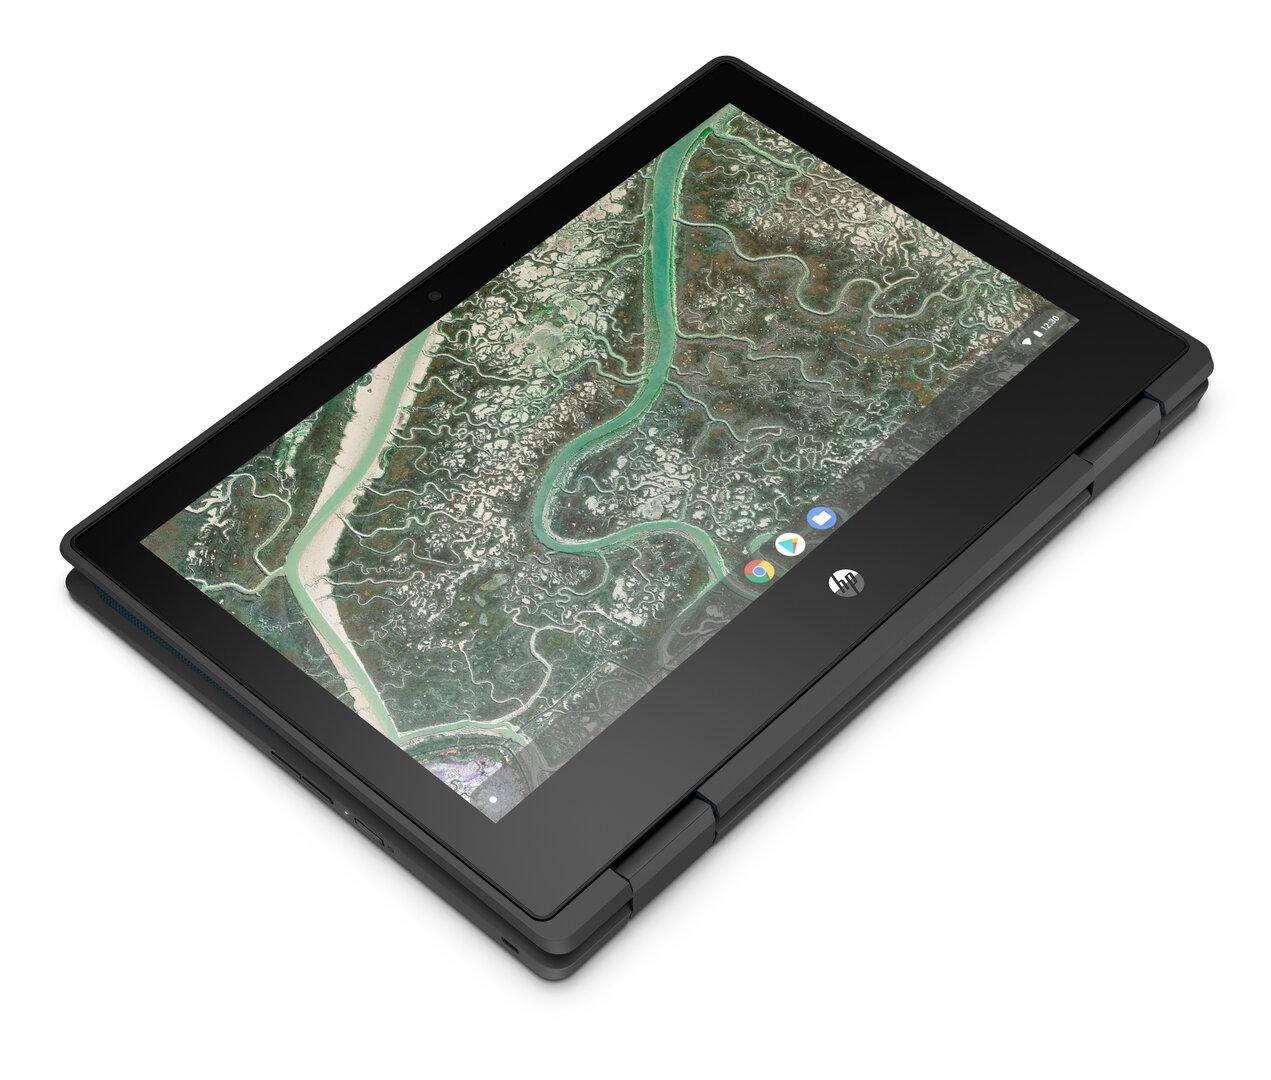 HP Chromebook x360 11MK G3 EE (Nautical Teal)